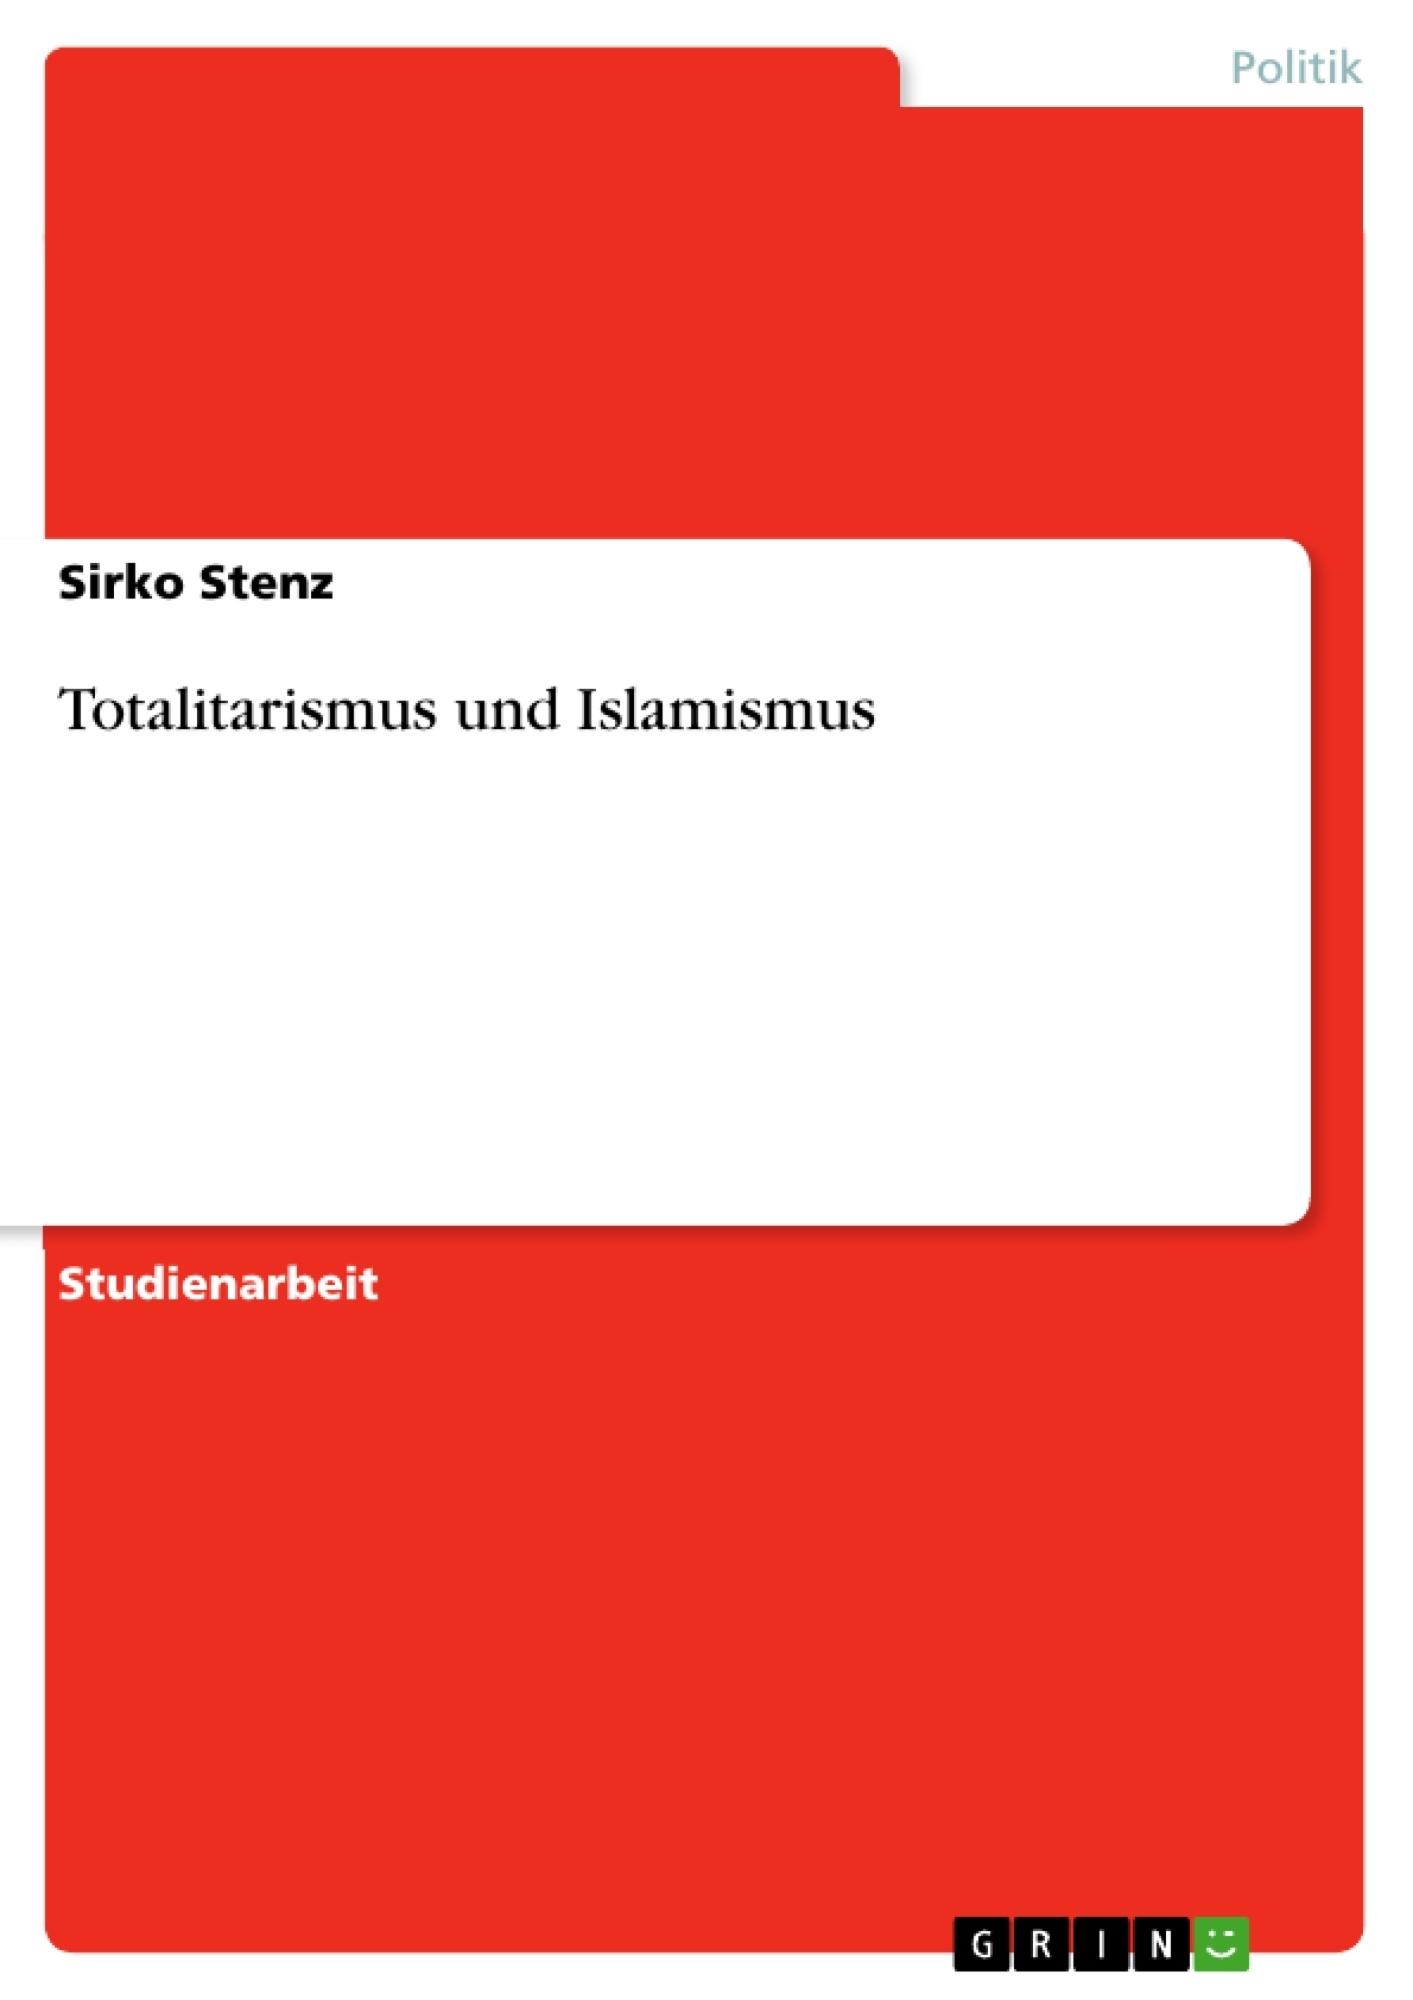 Titel: Totalitarismus und Islamismus